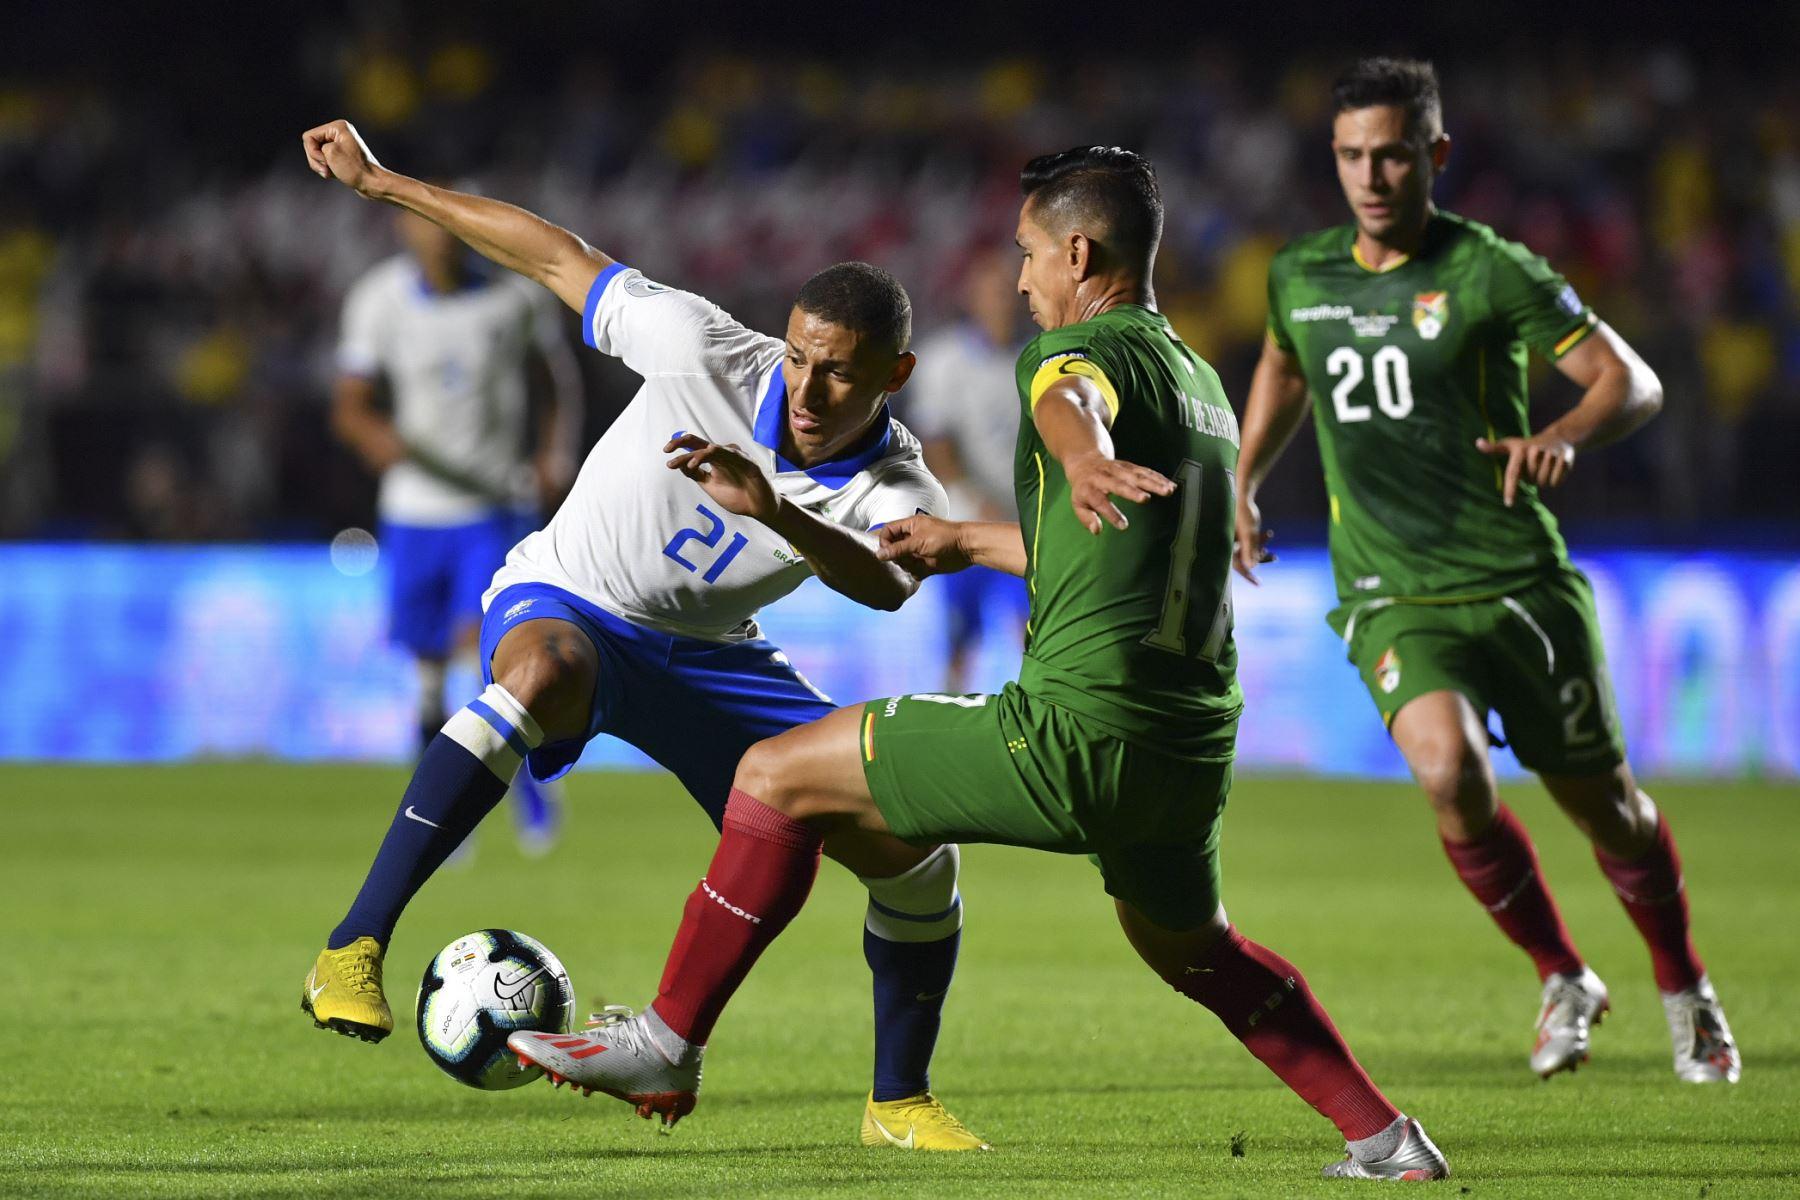 Richarlison (L) de Brasil y Marvin Bejarano de Bolivia compiten por el balón durante su partido de torneo de fútbol de la Copa América en el estadio Morumbi, en Sao Paulo, Brasil